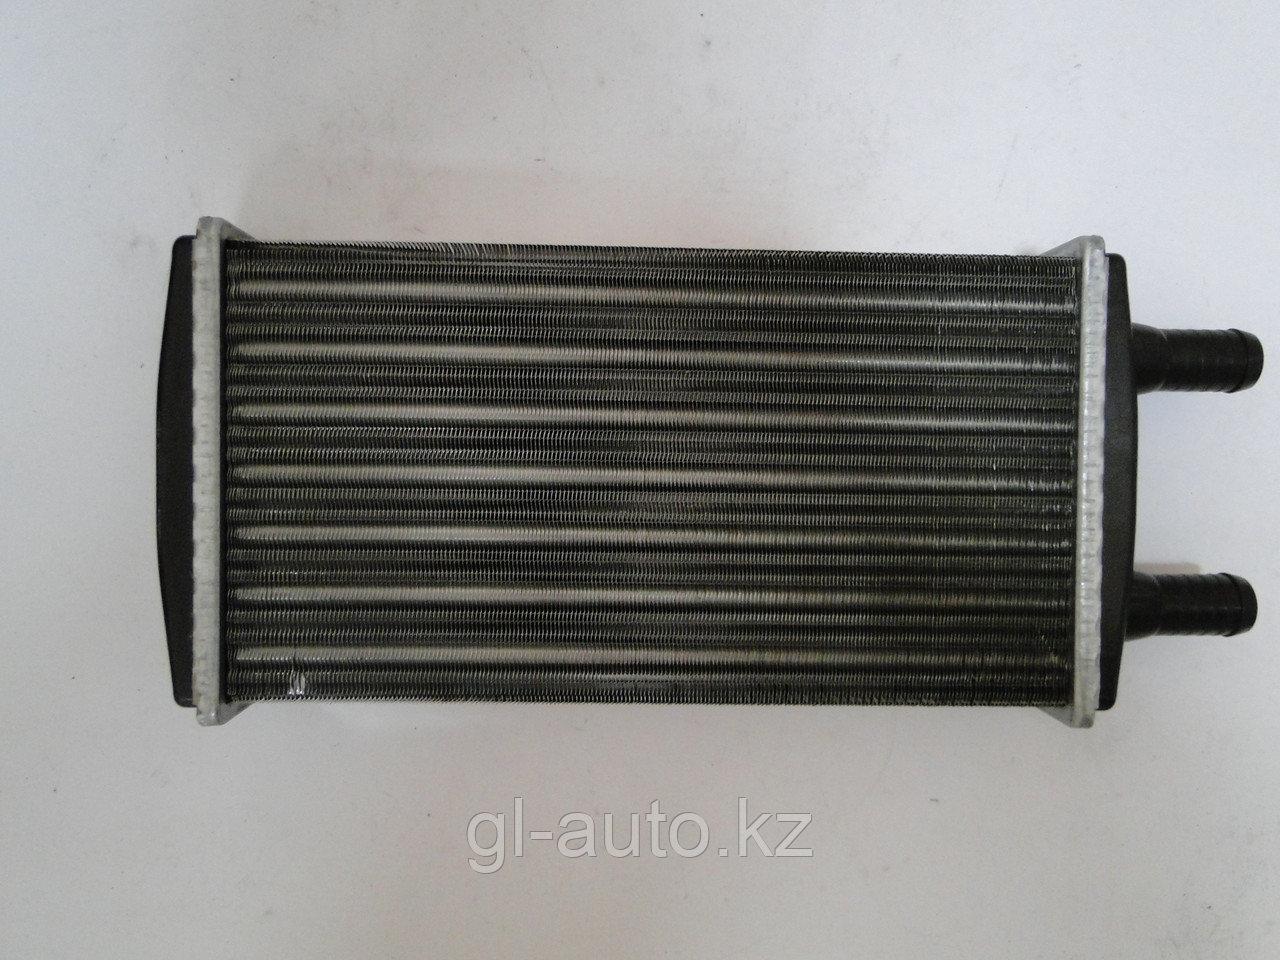 Радиатор отопителя ВЗ